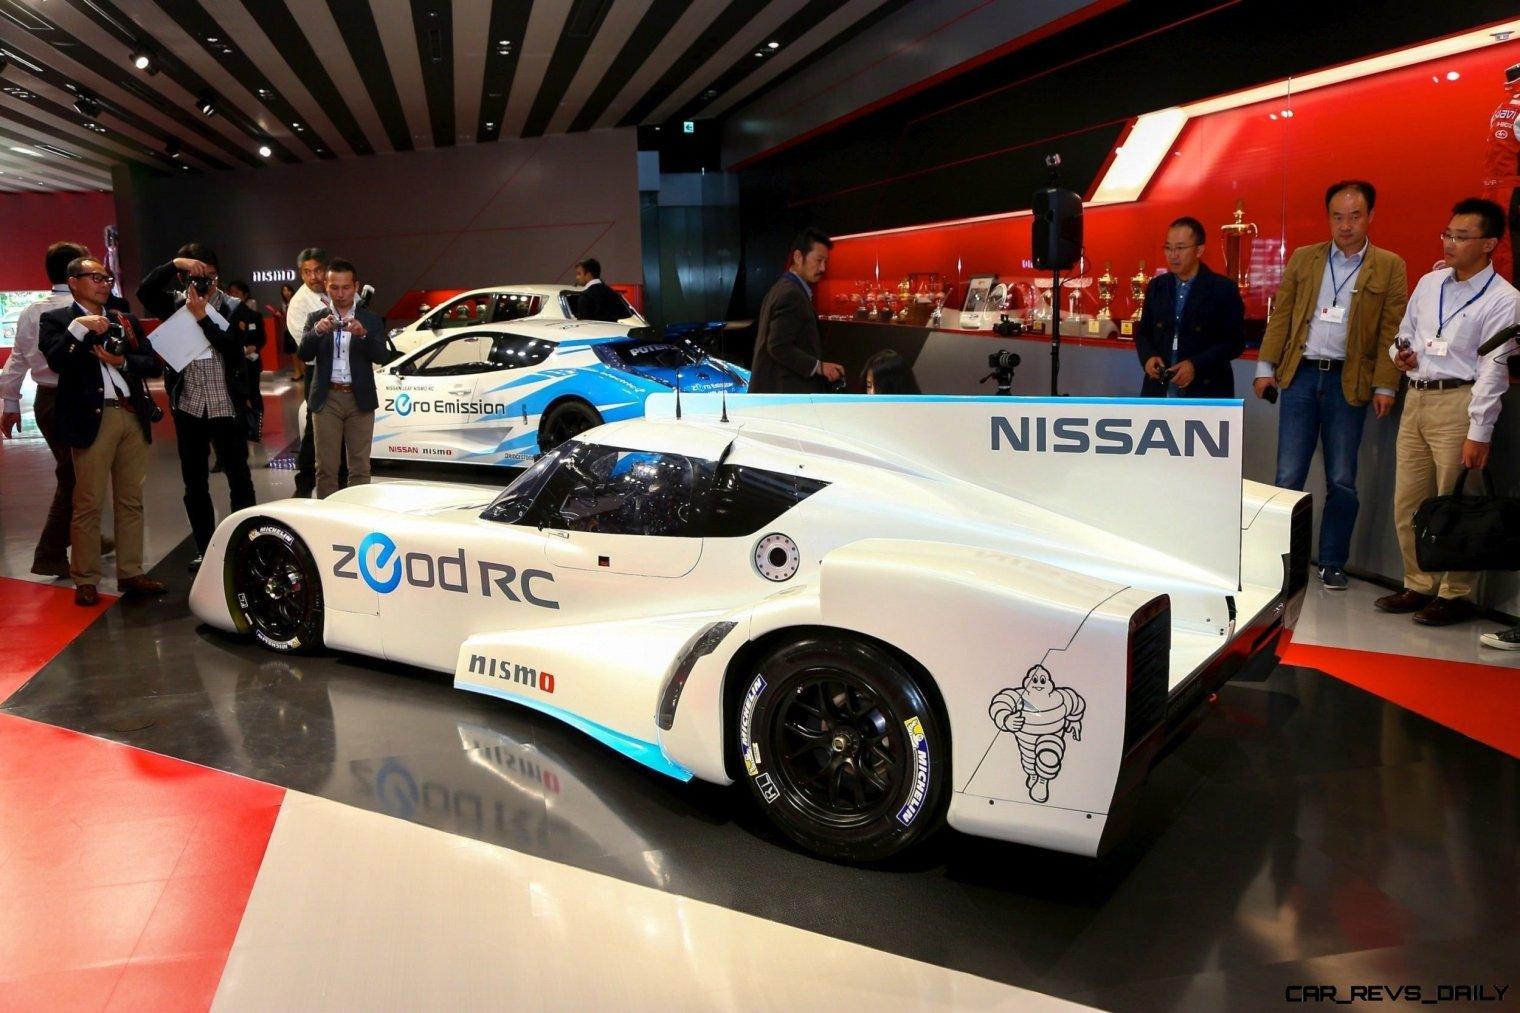 Nissan_ZEODRC_Nismo_launch_50